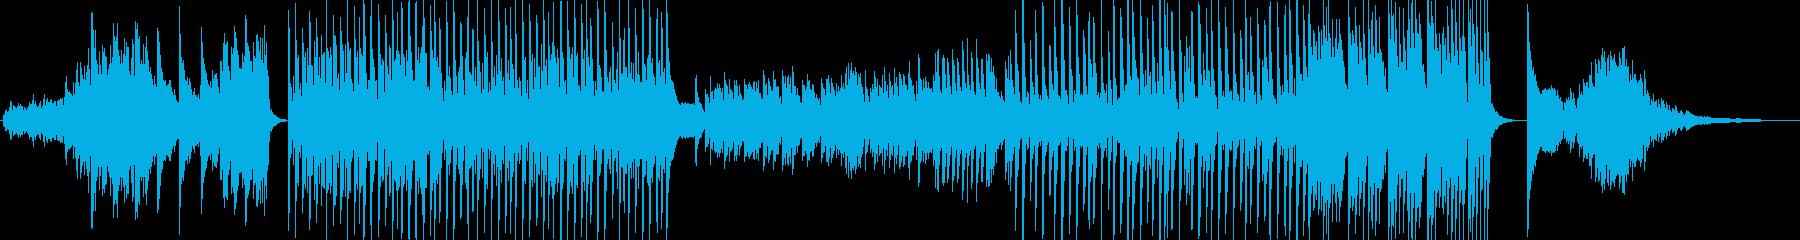 強い意志を表現したピアノの曲の再生済みの波形